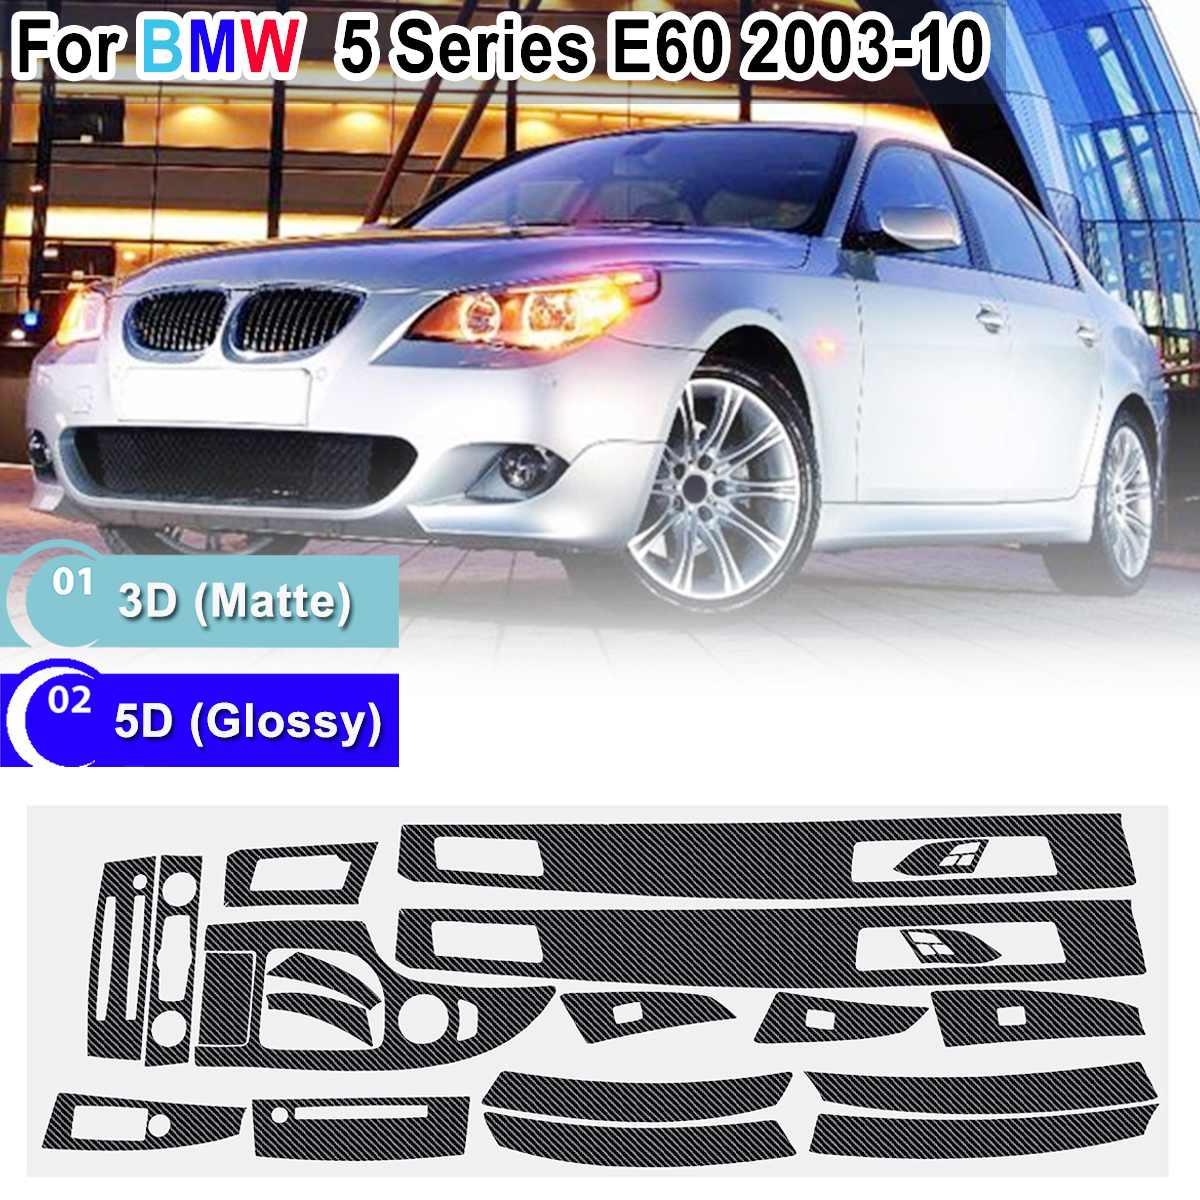 Глянцевая/матовая отражающая внутренняя наклейка из углеродного волокна для BMW 5-Series E60 2003-2010 RHD только для правой руки